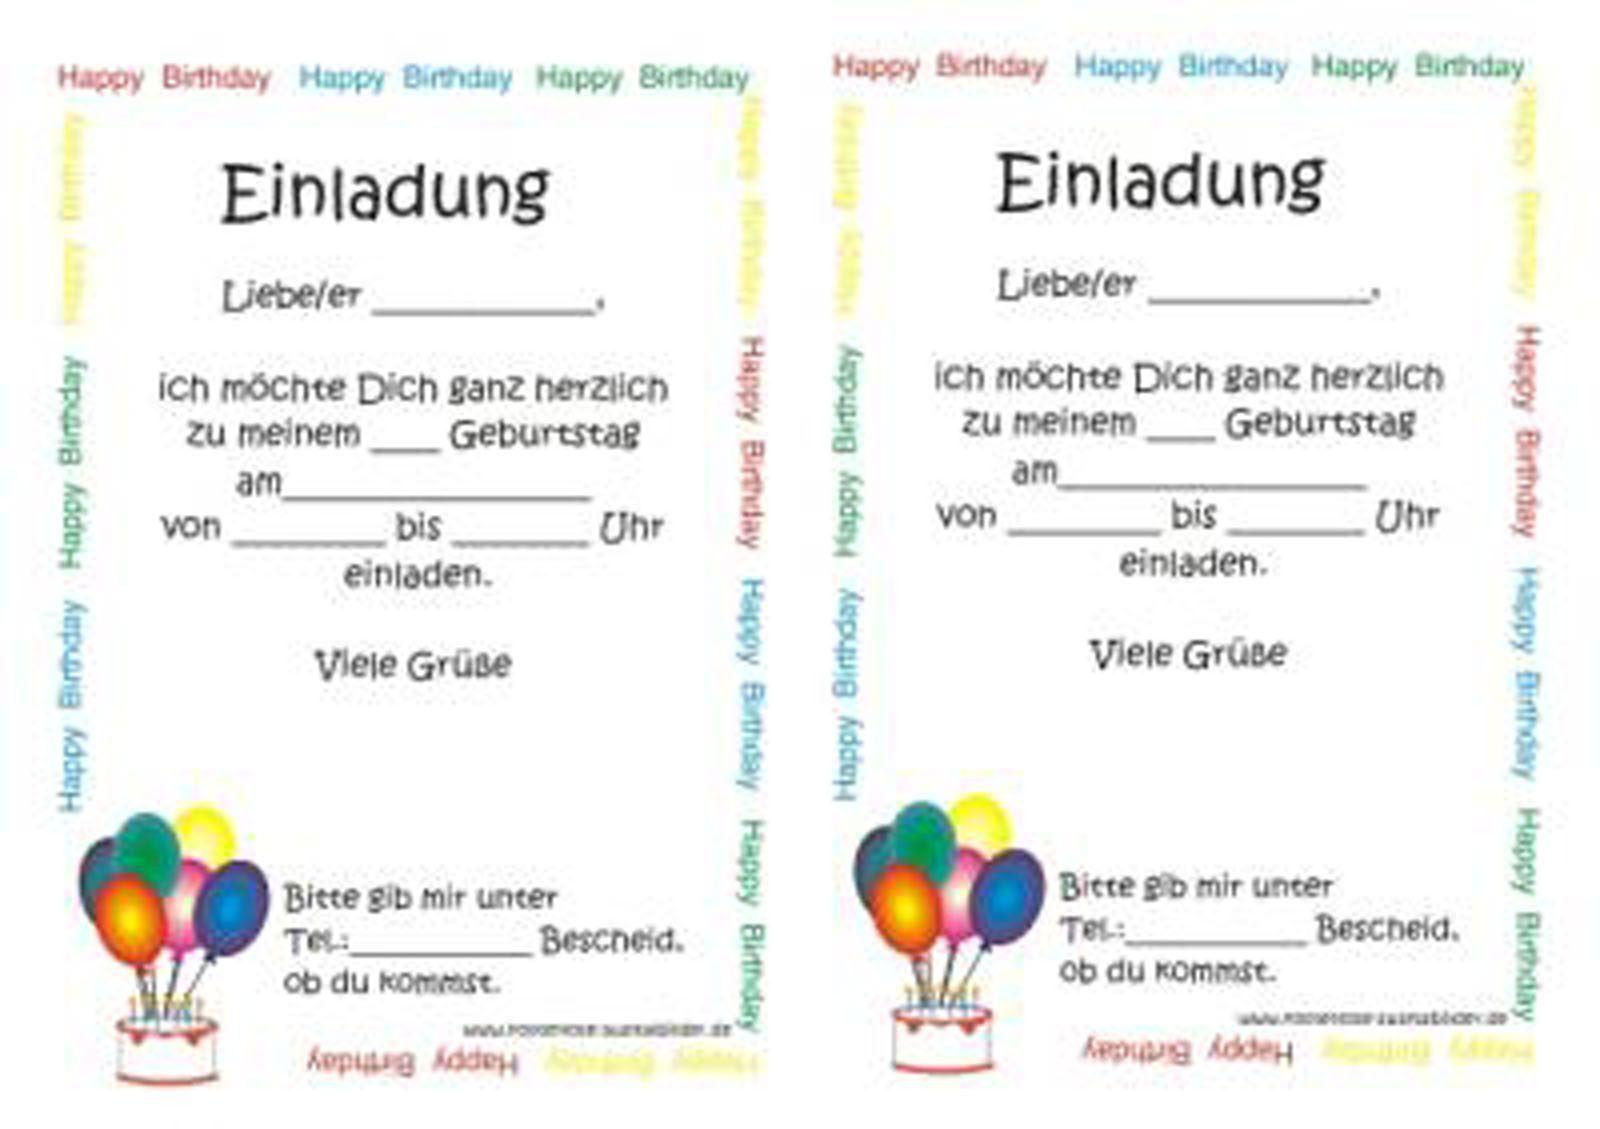 Einladungskarte kindergeburtstag einladungskarte kindergeburtstag text einladungskarten - Pinterest einladungskarten ...